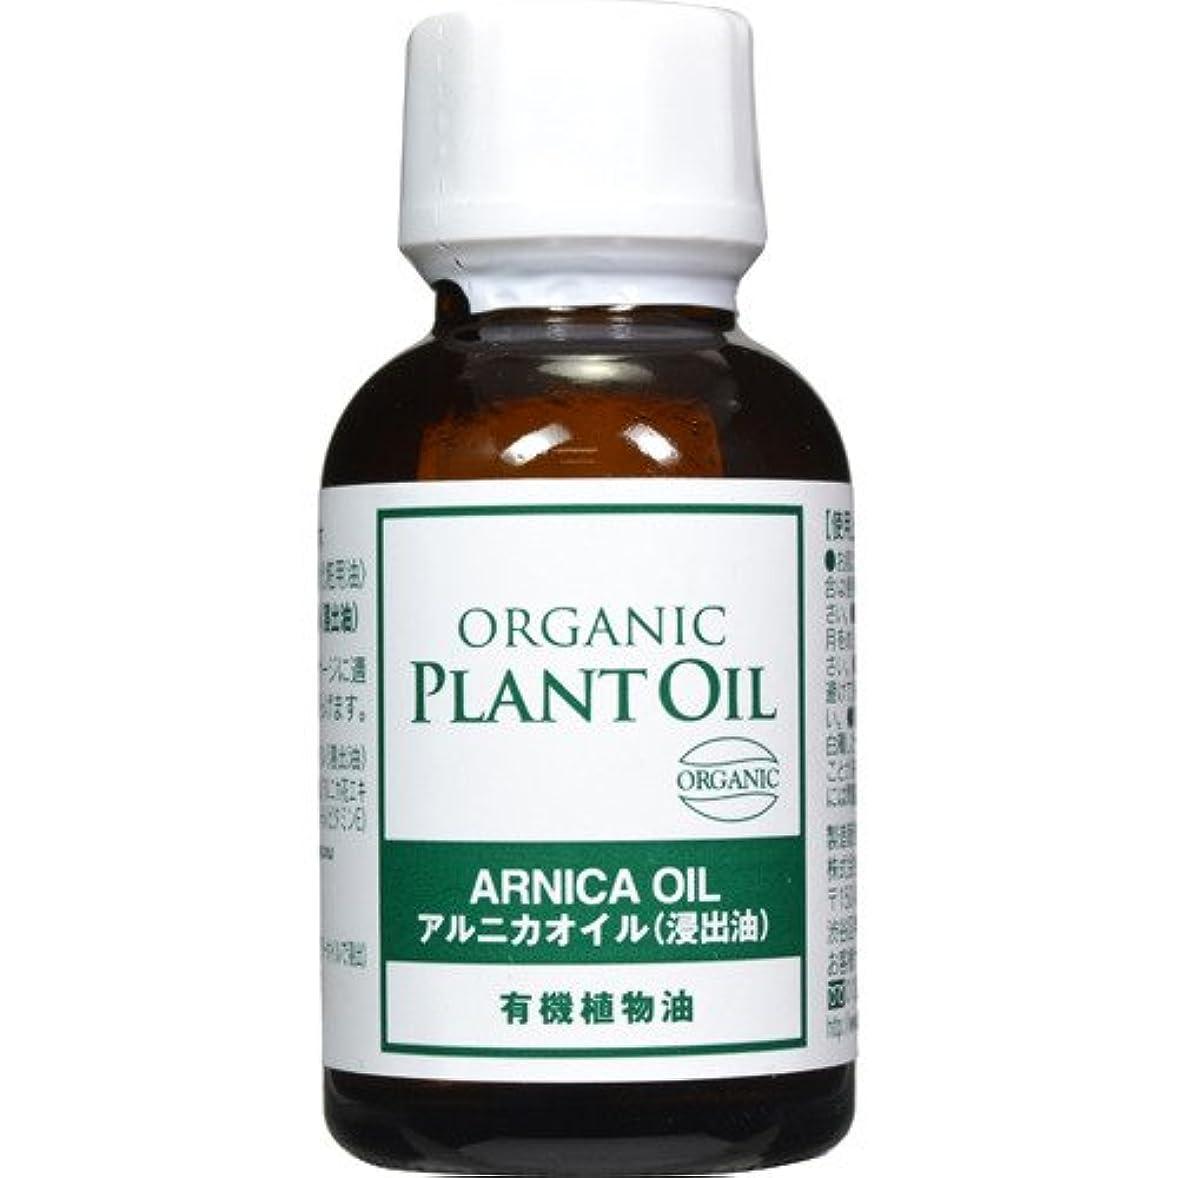 コンドーム討論たくさん生活の木 有機アルニカオイル(浸出油) 25ml